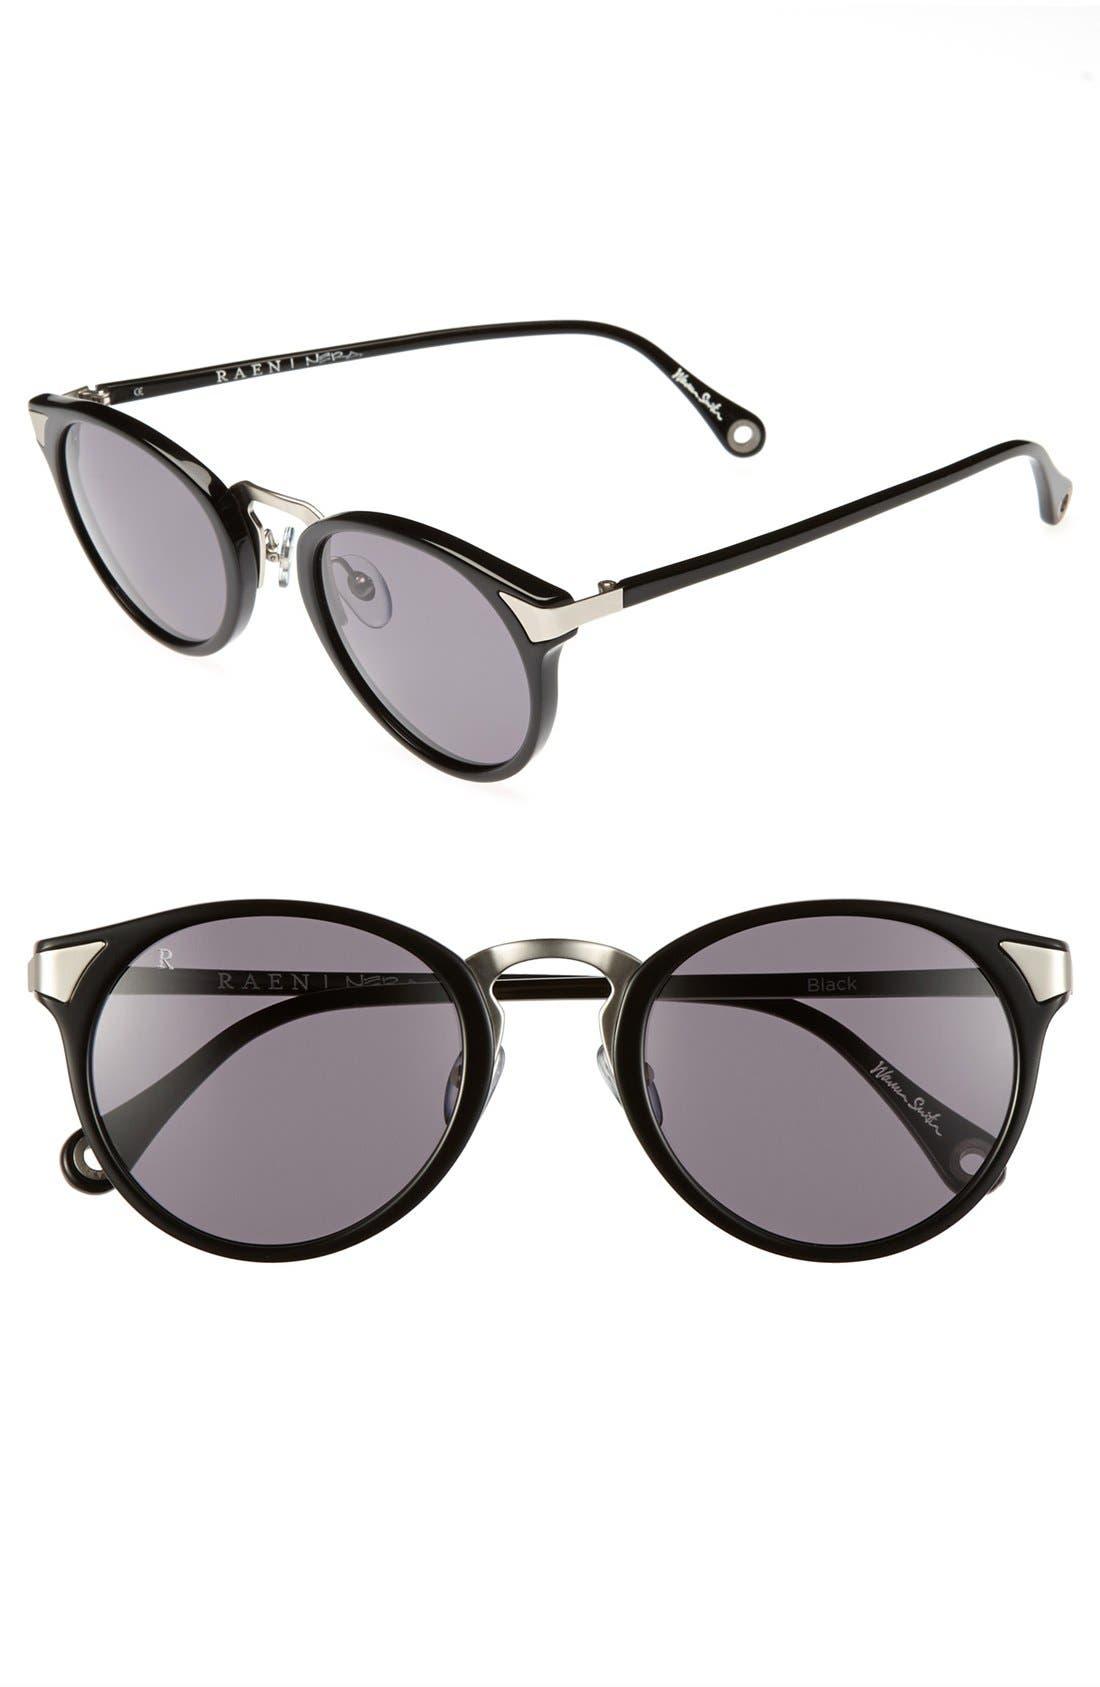 Main Image - RAEN 'Nera' 52mm Sunglasses